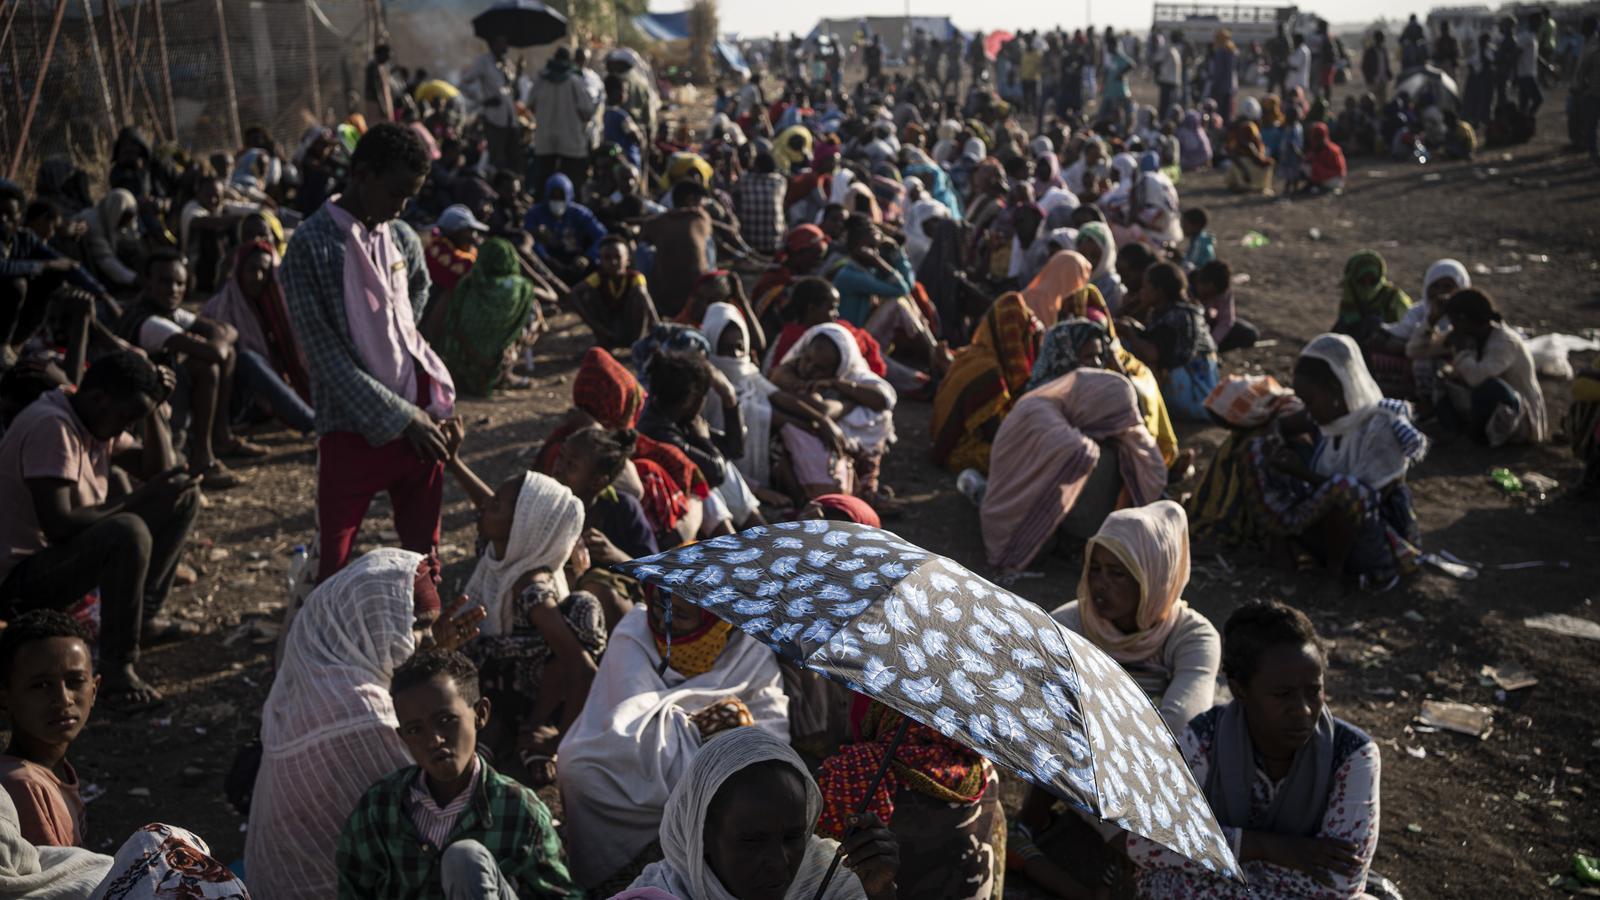 Refugiats etíops al centre de recepció de refugiats de la frontera de Hamdayet, al Sudan